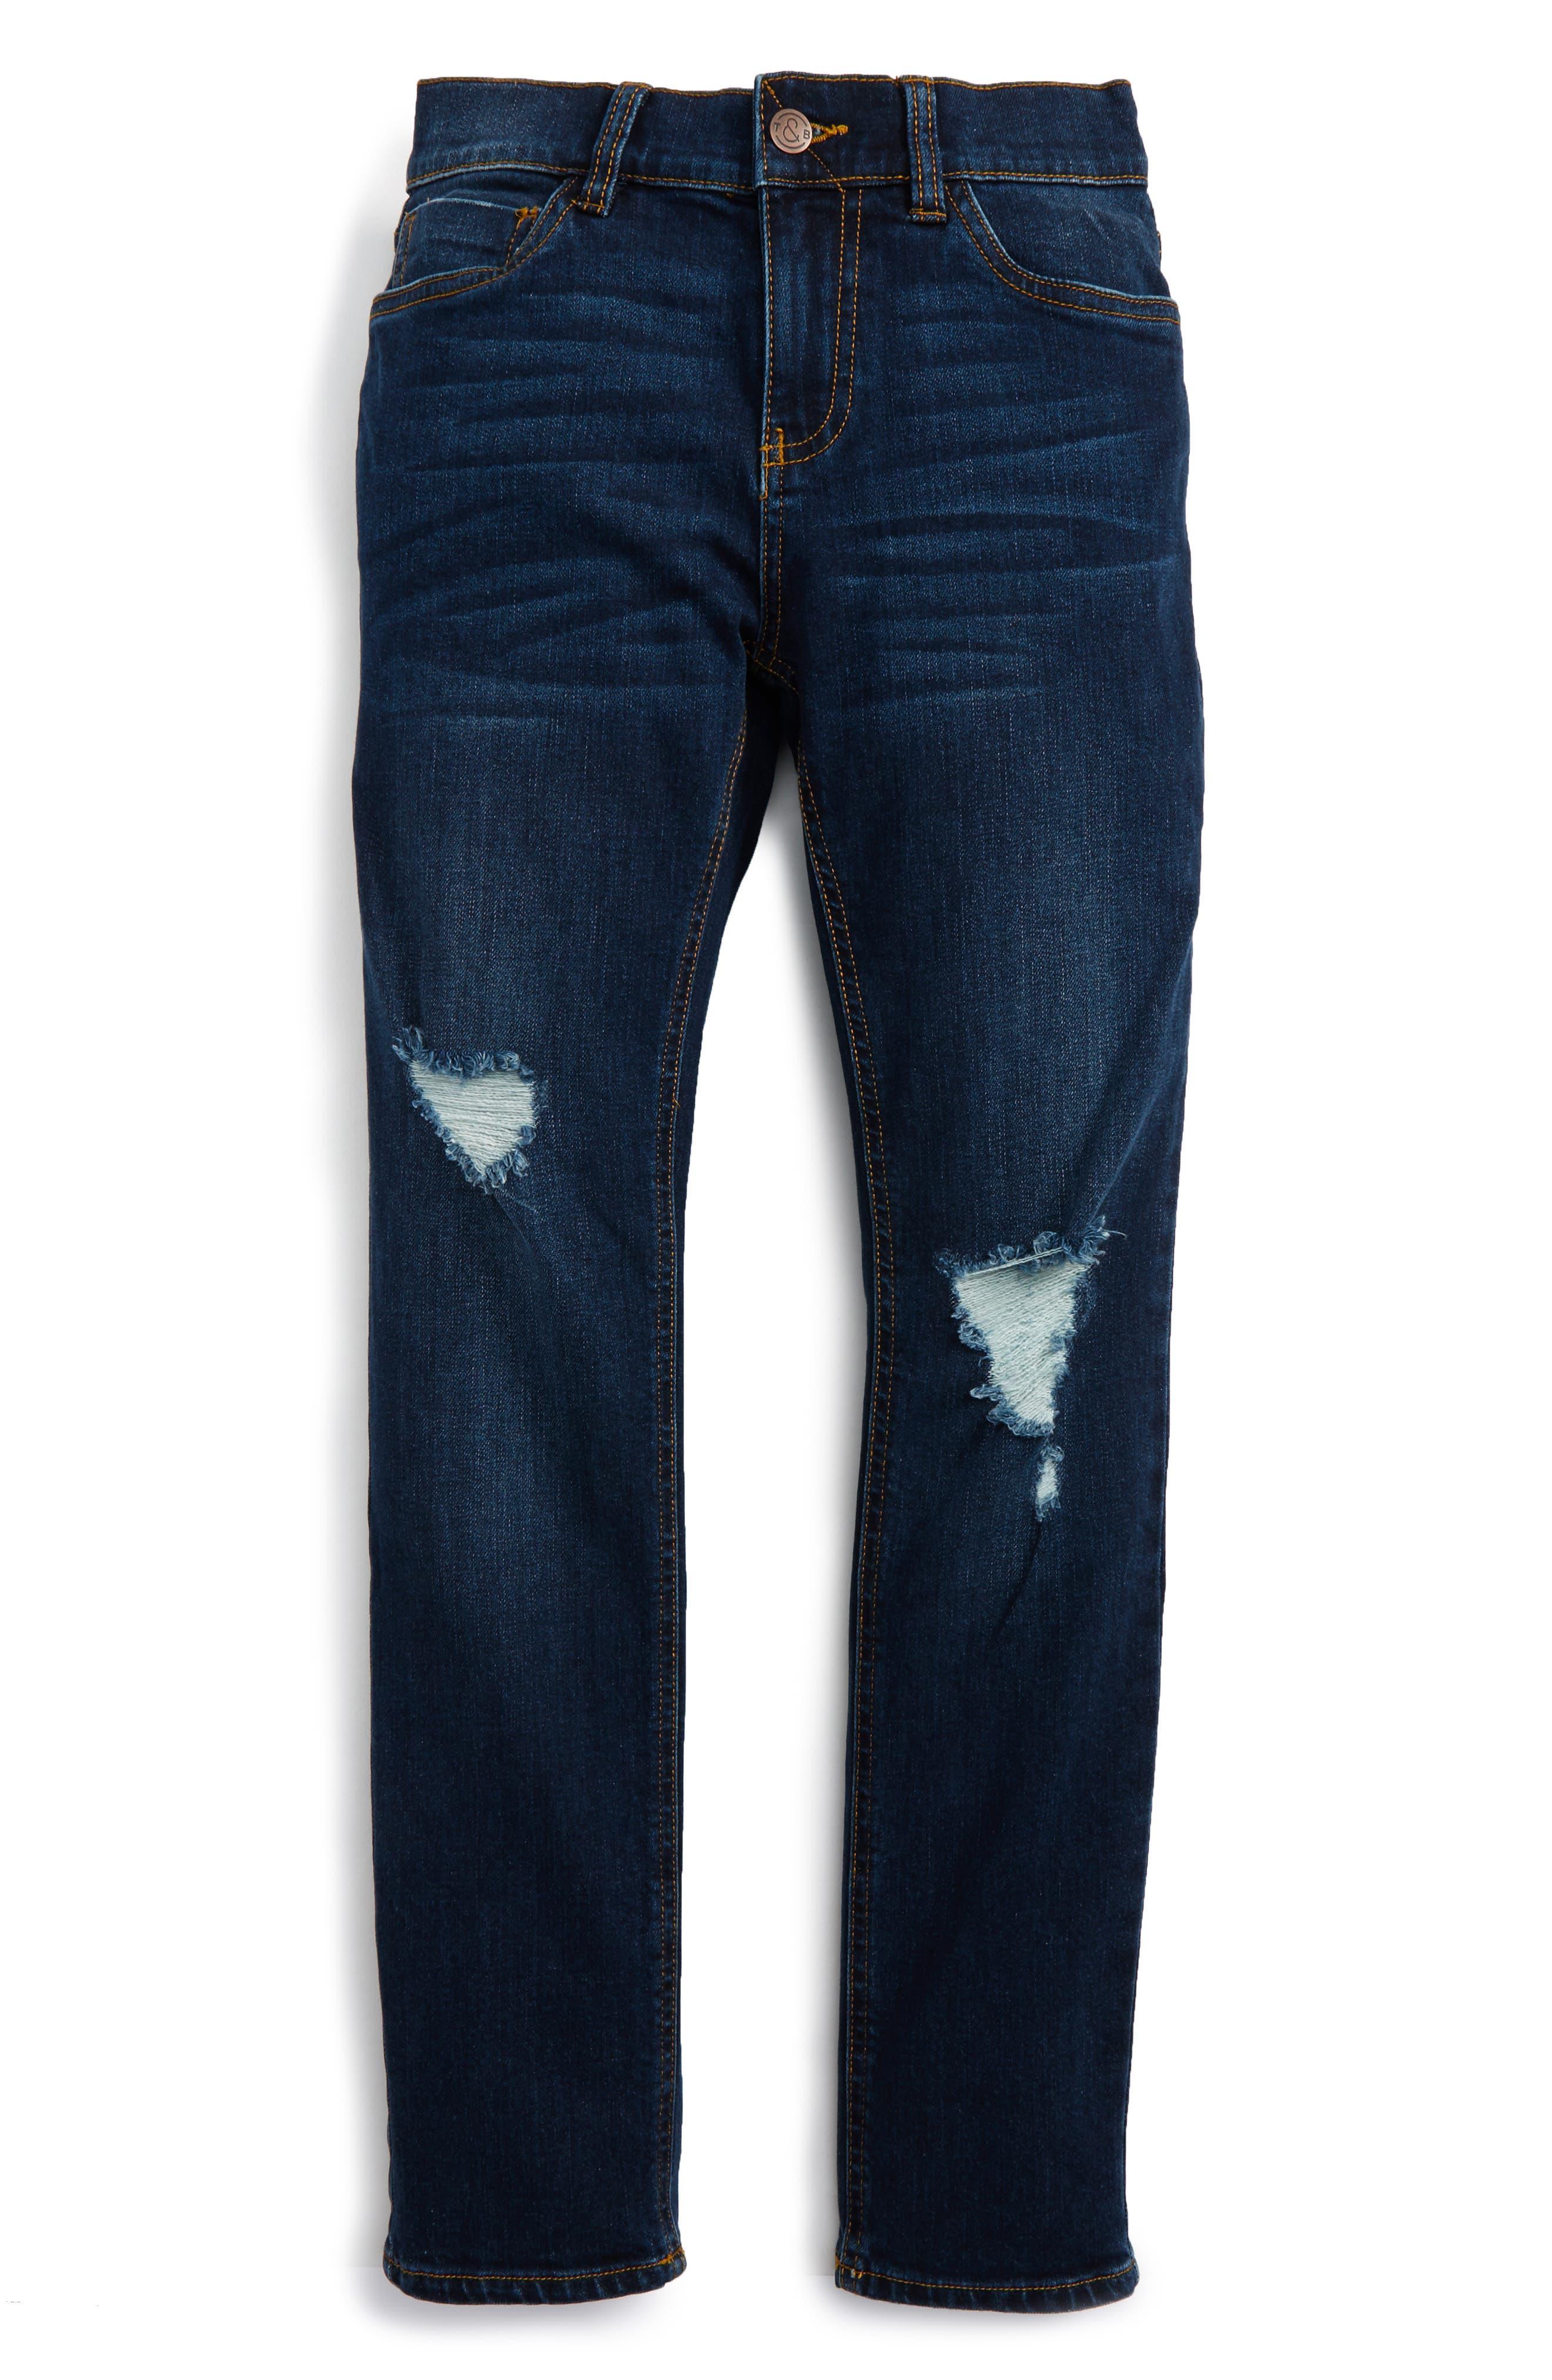 TREASURE & BOND Distressed Skinny Jeans